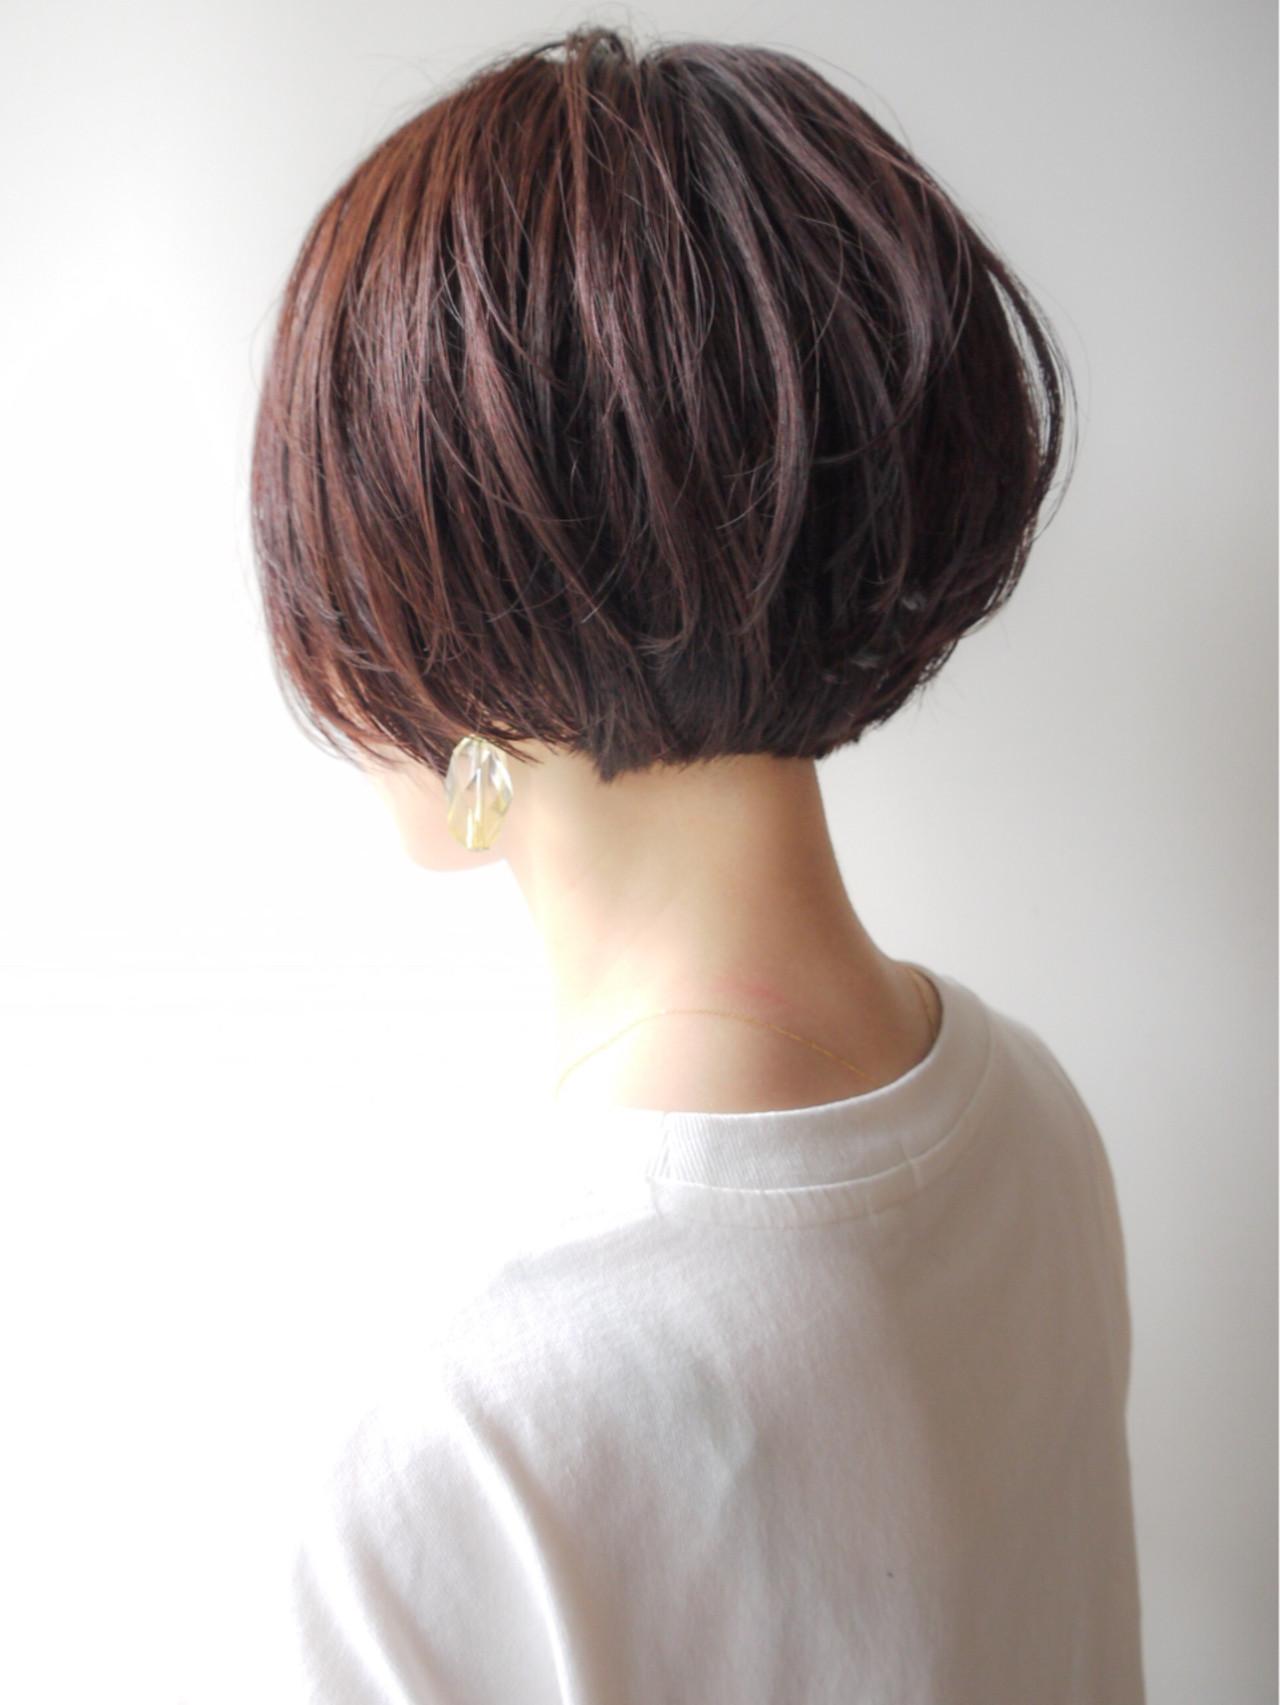 ウェーブ 大人女子 女子力 大人かわいい ヘアスタイルや髪型の写真・画像 | HIROKI / roijir / roijir